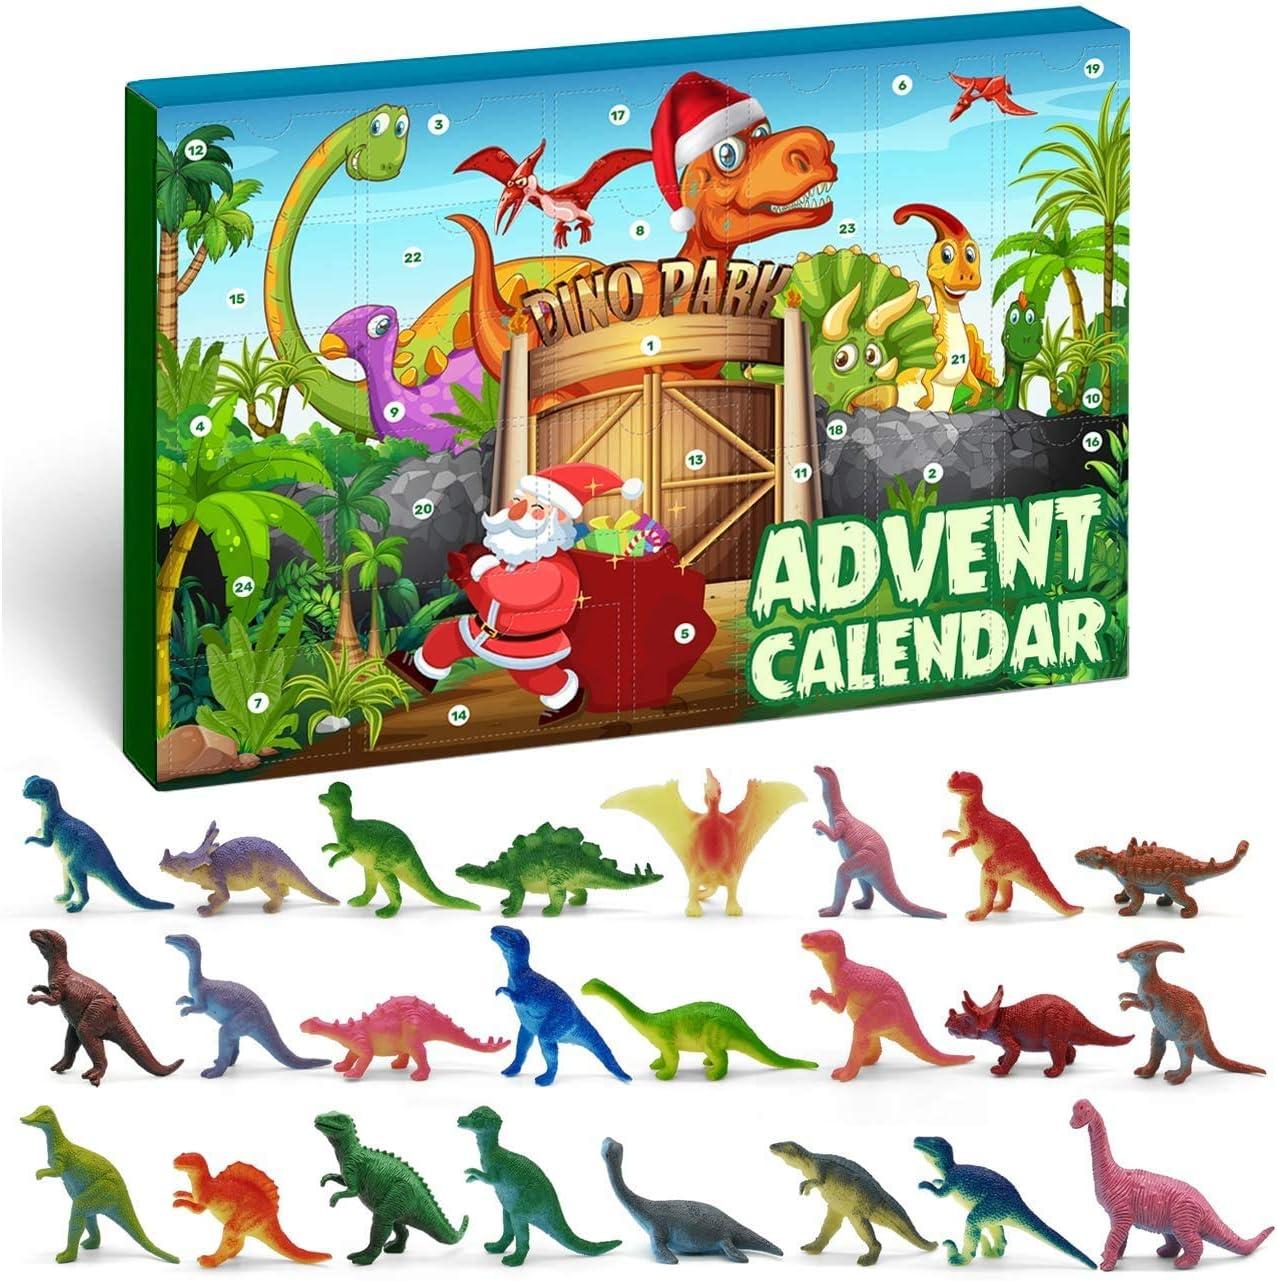 iZoeL Calendario de adviento de dinosaurio para niños 2020, Navidad, 24 figuras de dinosaurios, juego con cuenta atrás para días de Navidad, regalo sorpresa para niños, hijo, nieto, hermano, sobrino